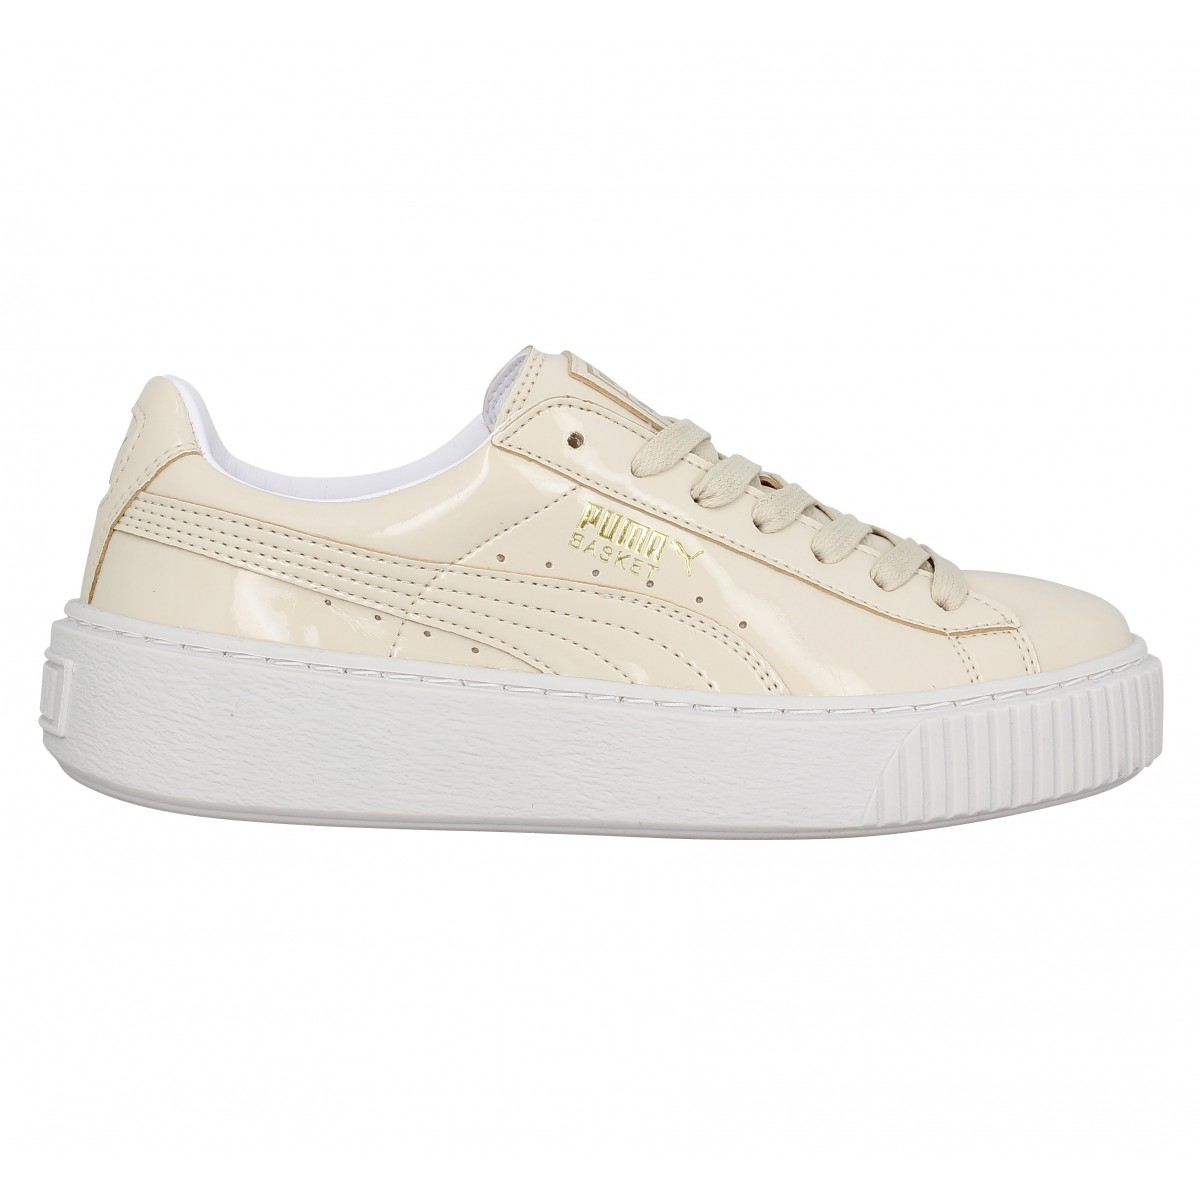 sports shoes aa5b5 2be2b Puma PLATFORM PATENT BEIGE Beige - Chaussures Basket Homme GH8HUA1Z -  destrainspourtous.fr